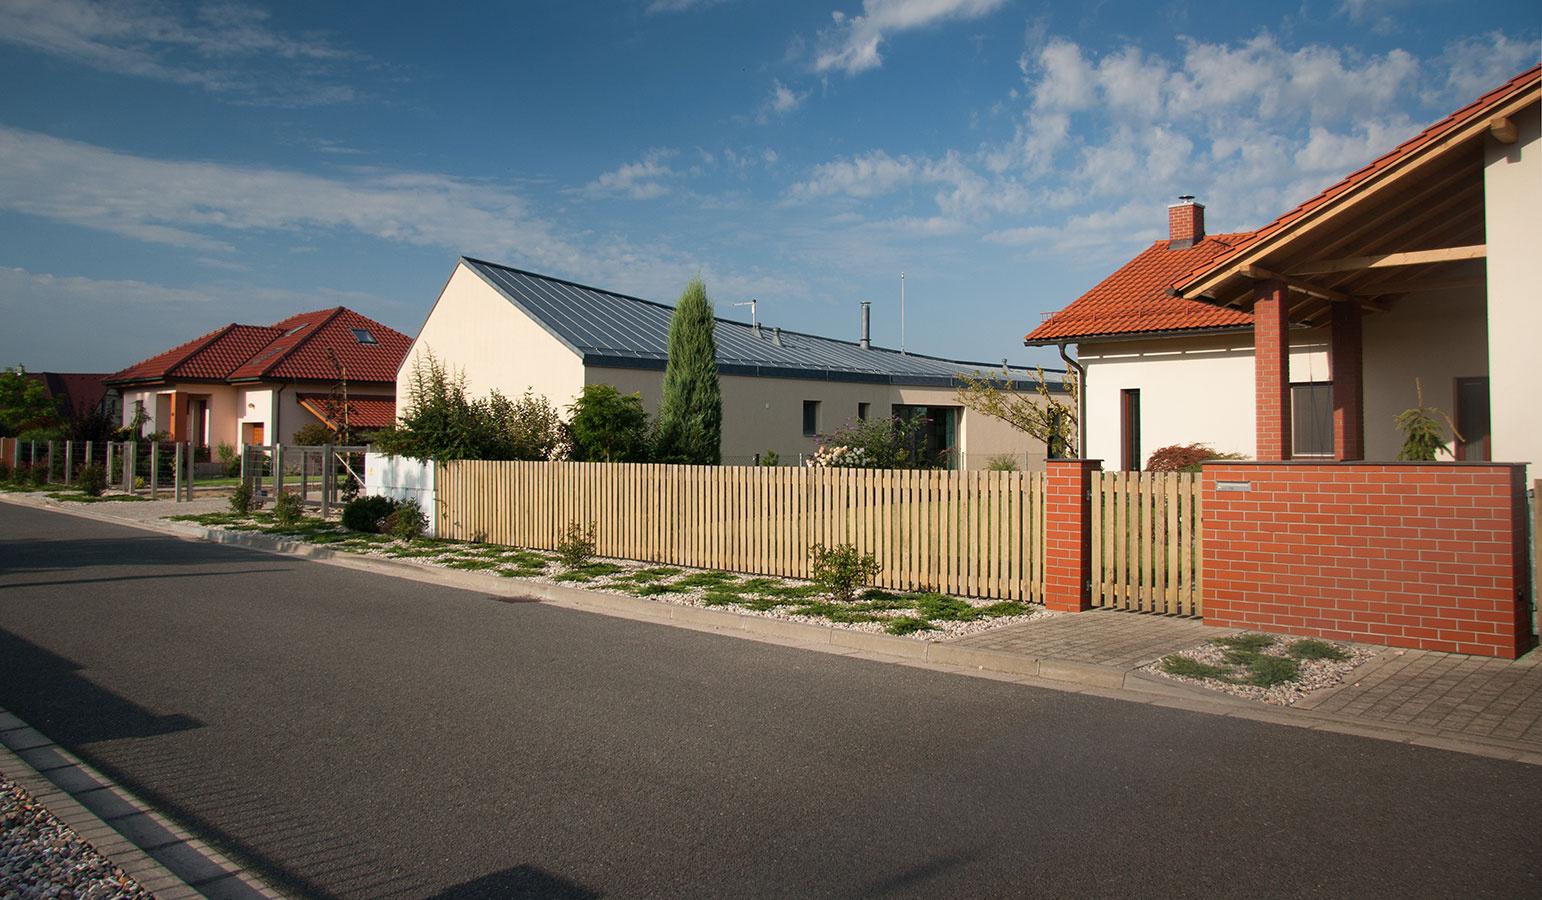 Žiadna kocka či kváder, tento rodinný dom postavili v tvare nožníc!